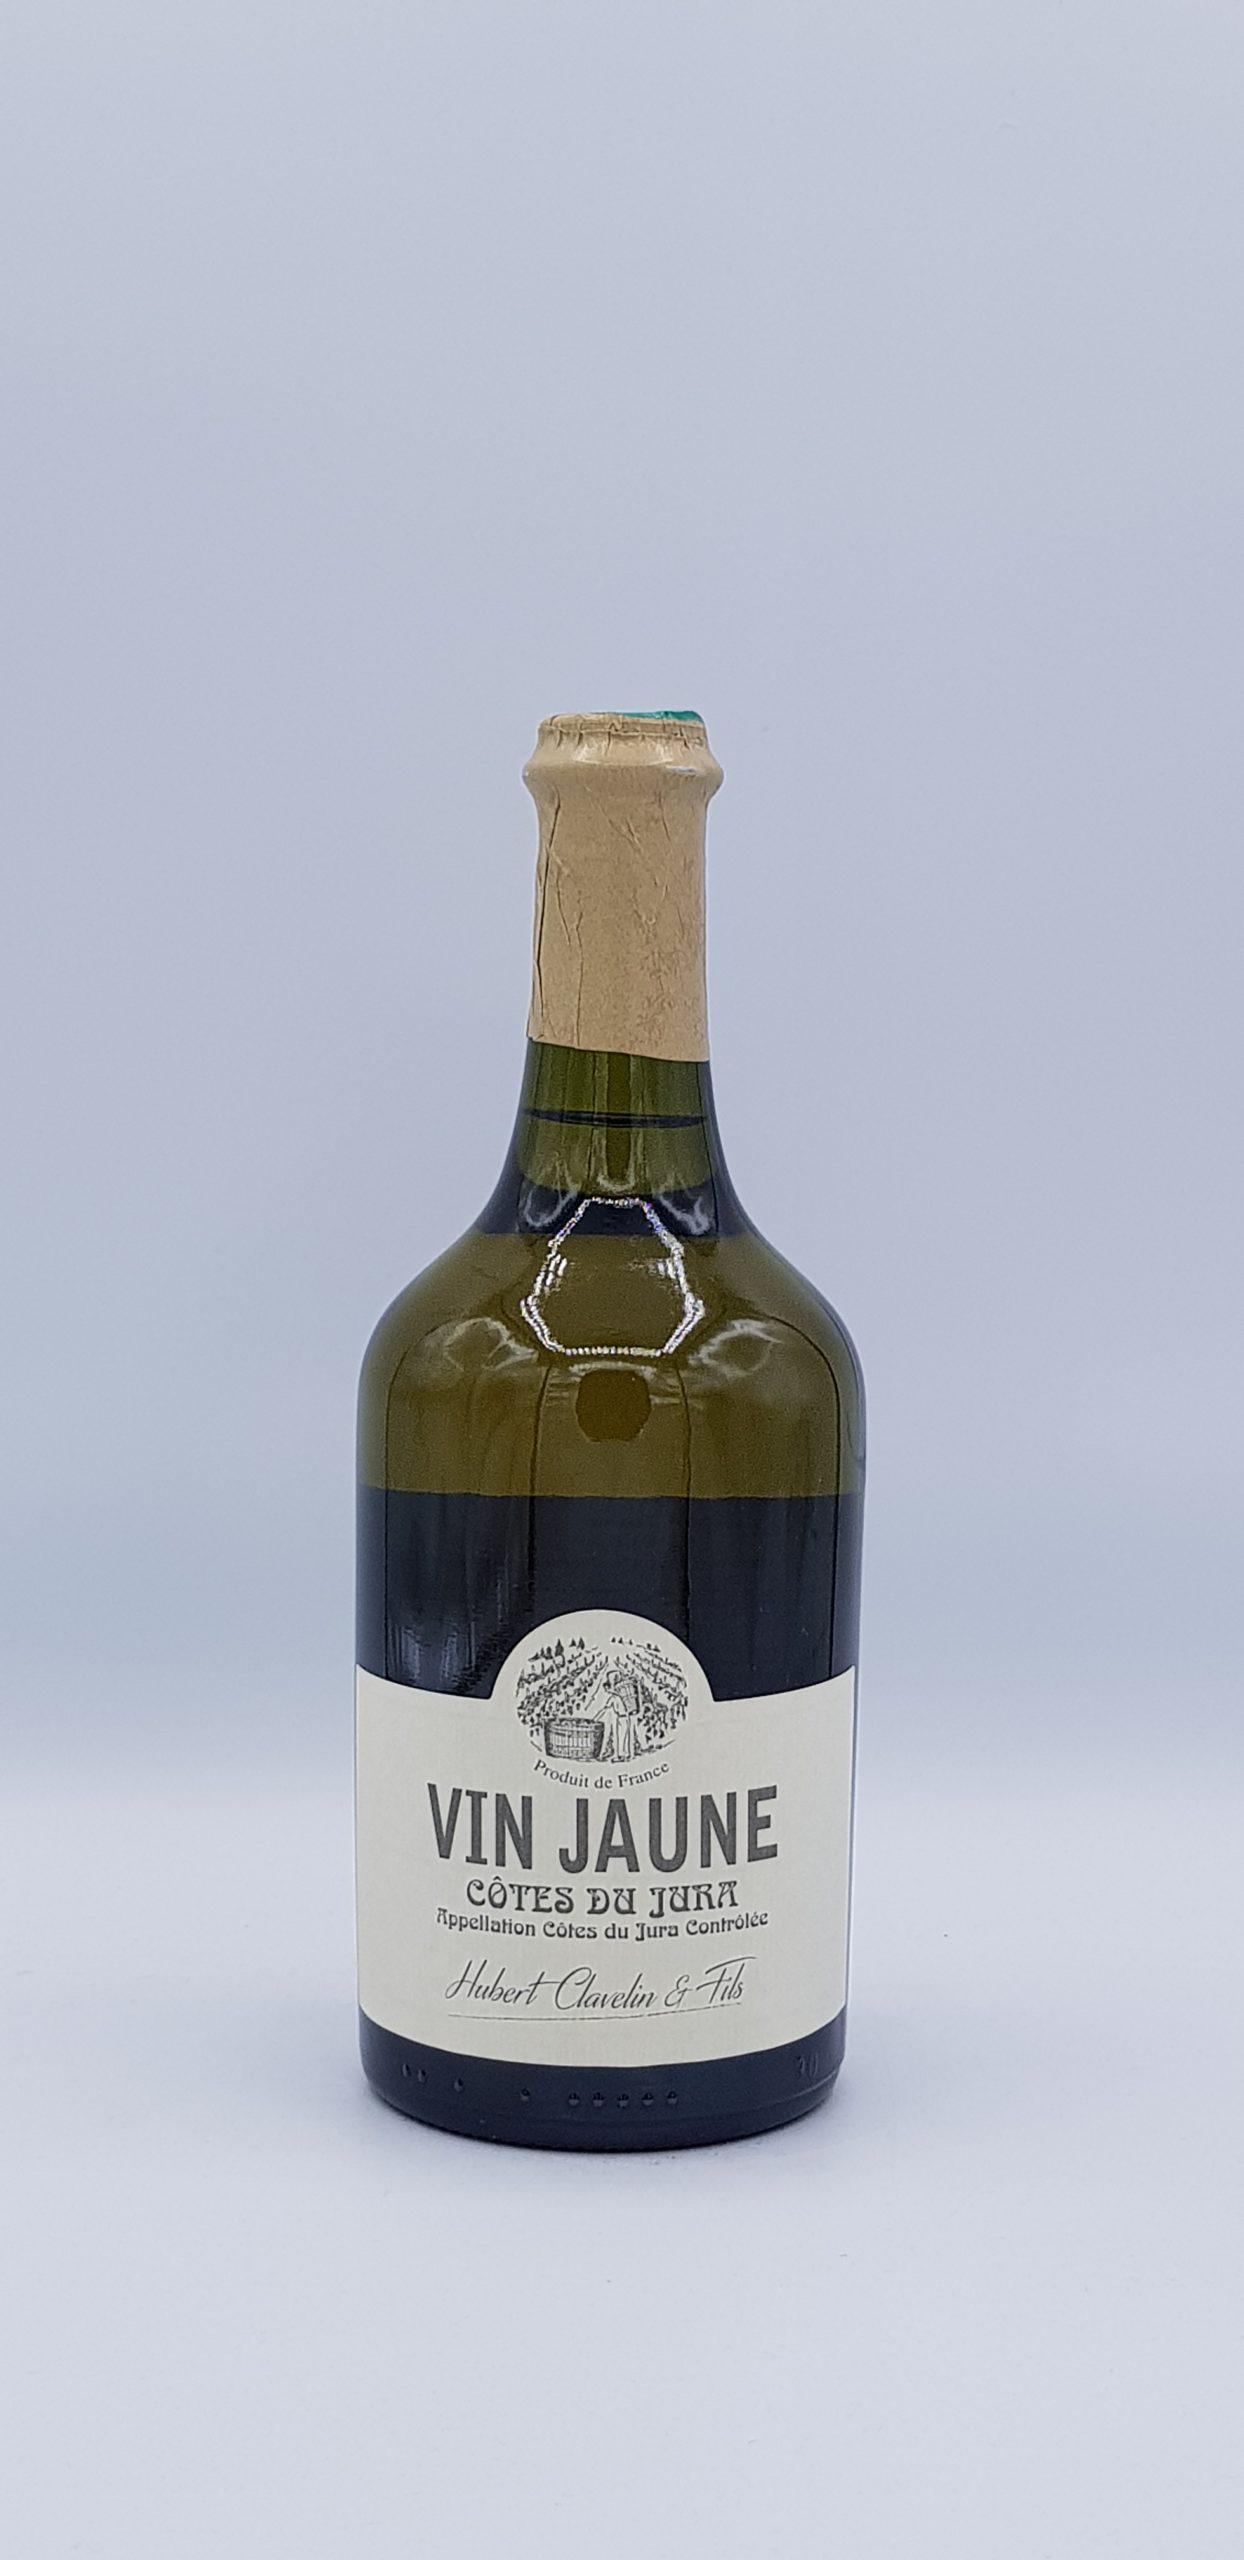 Jura Vin Jaune 2011